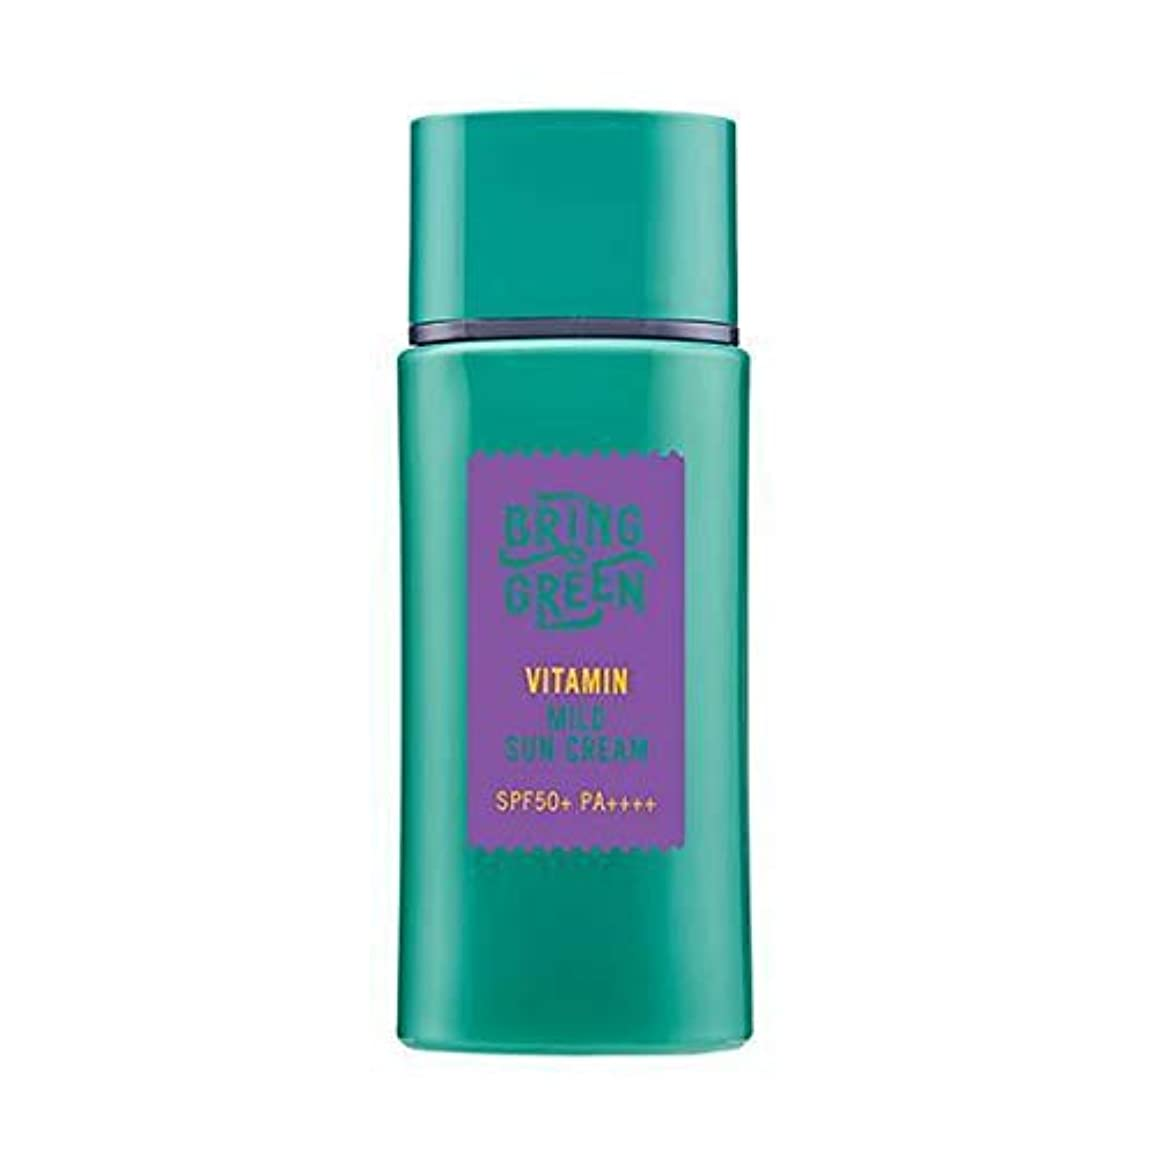 セクション認める求人BRING GREEN Vitamin Mild Sun Cream (50ml) SPF50+PA++++ BRINGGREEN Made in Korea